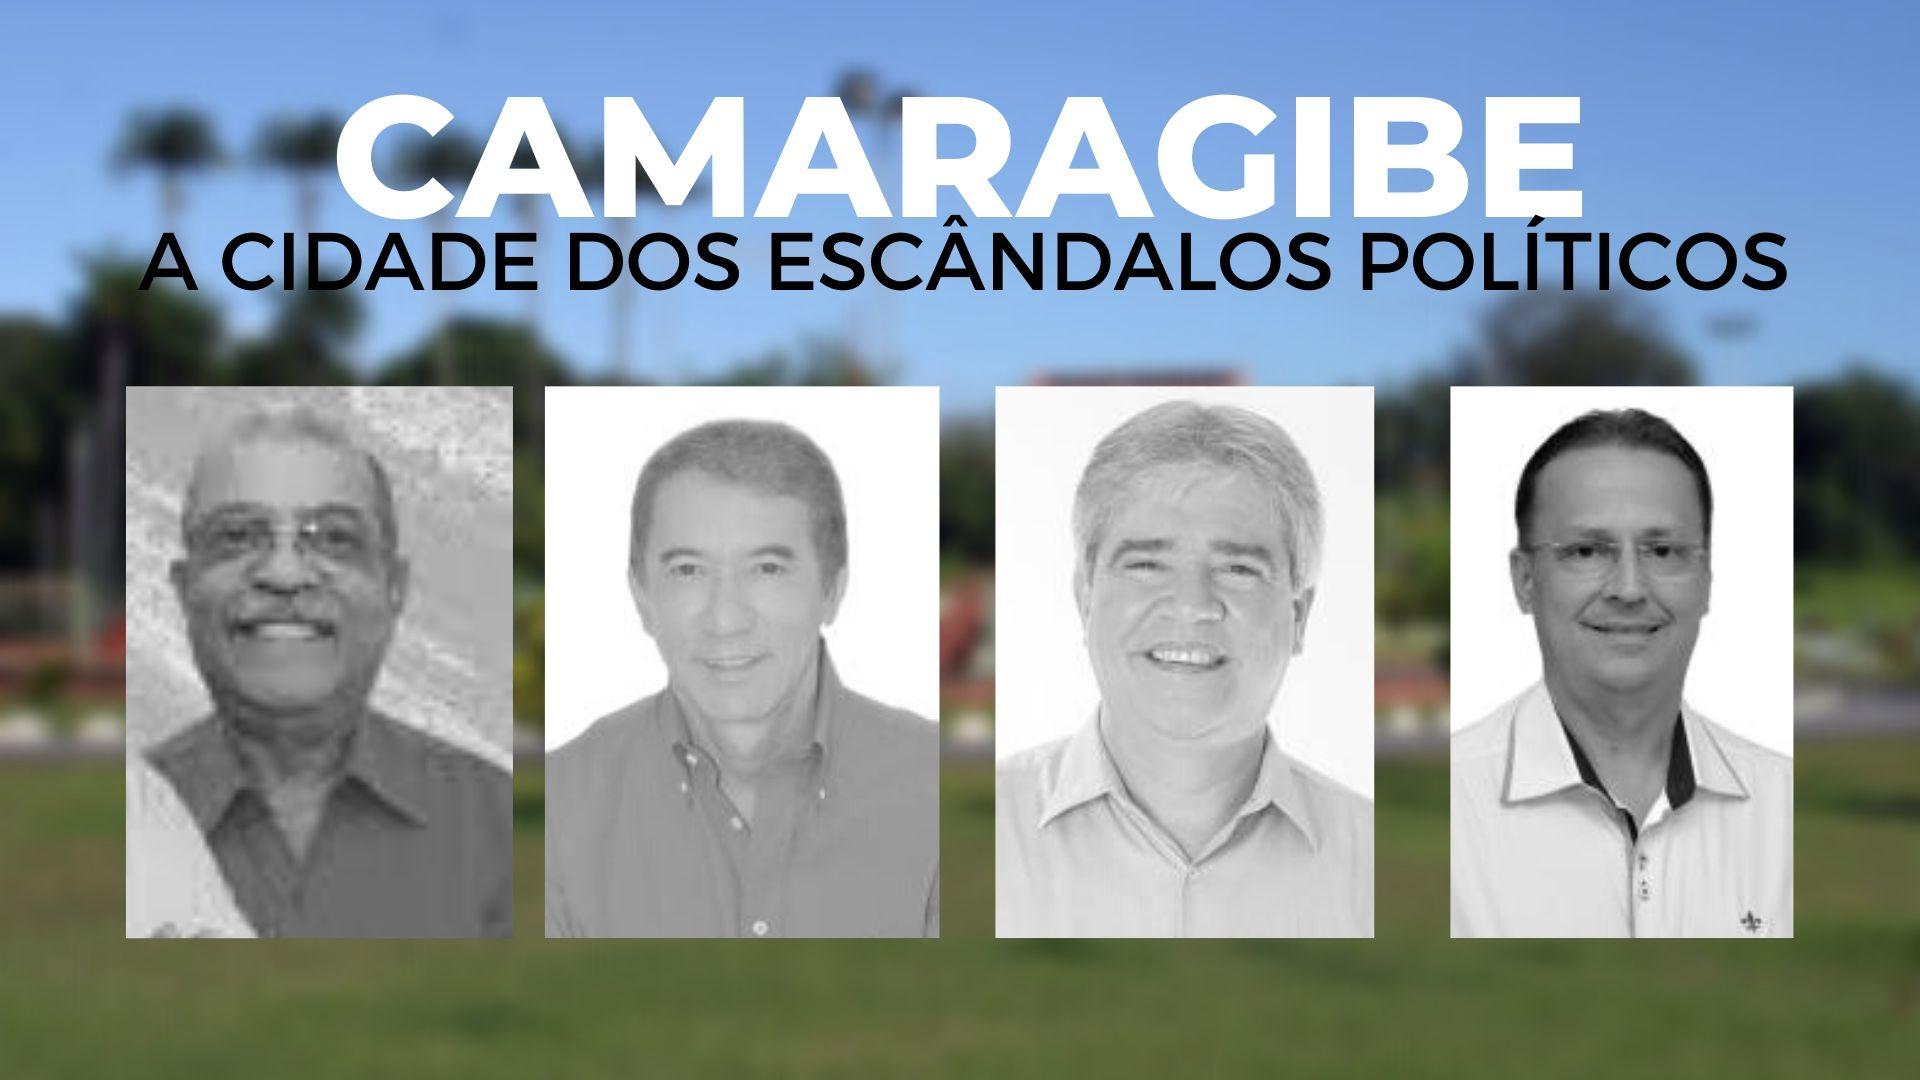 Camaragibe, a cidade dos escândalos políticos